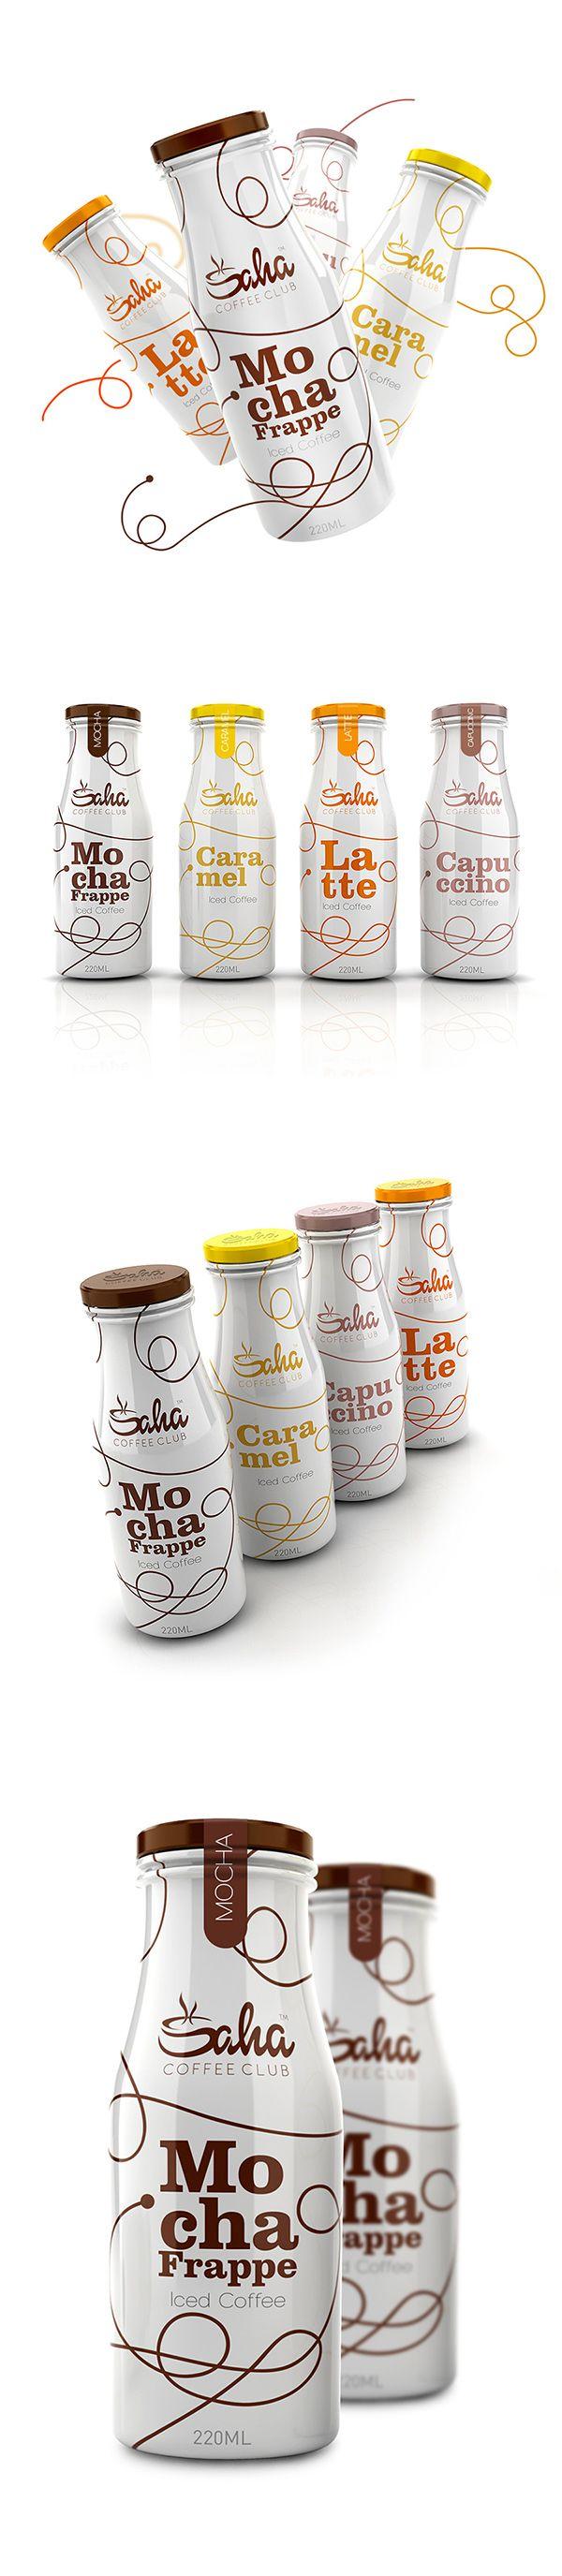 iced coffee saha